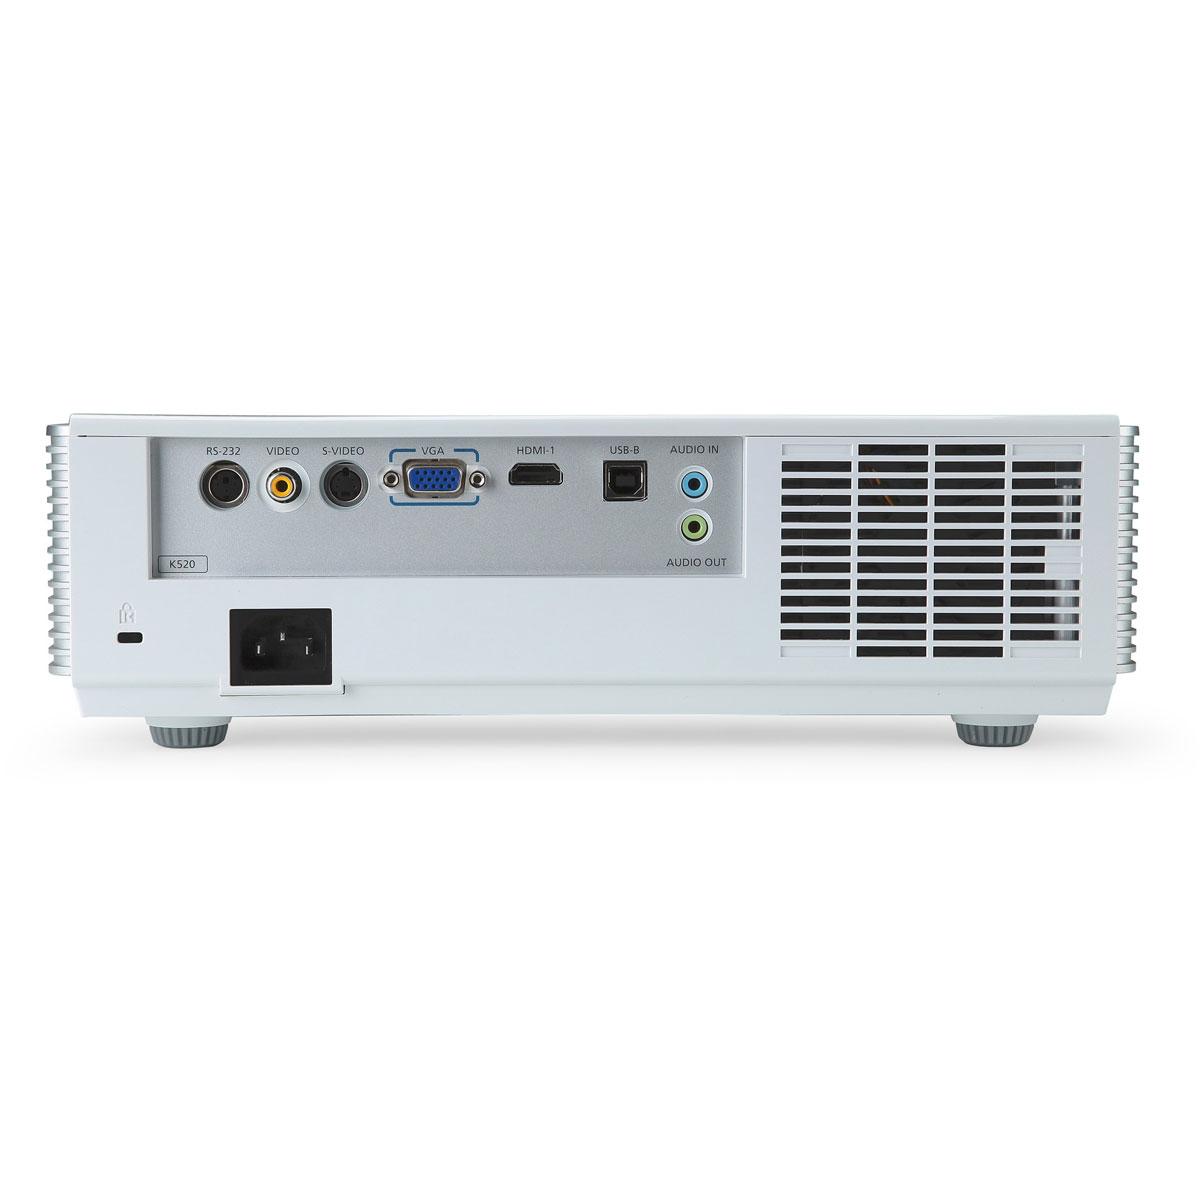 Acer k520 vid oprojecteur acer sur ldlc for Meuble videoprojecteur